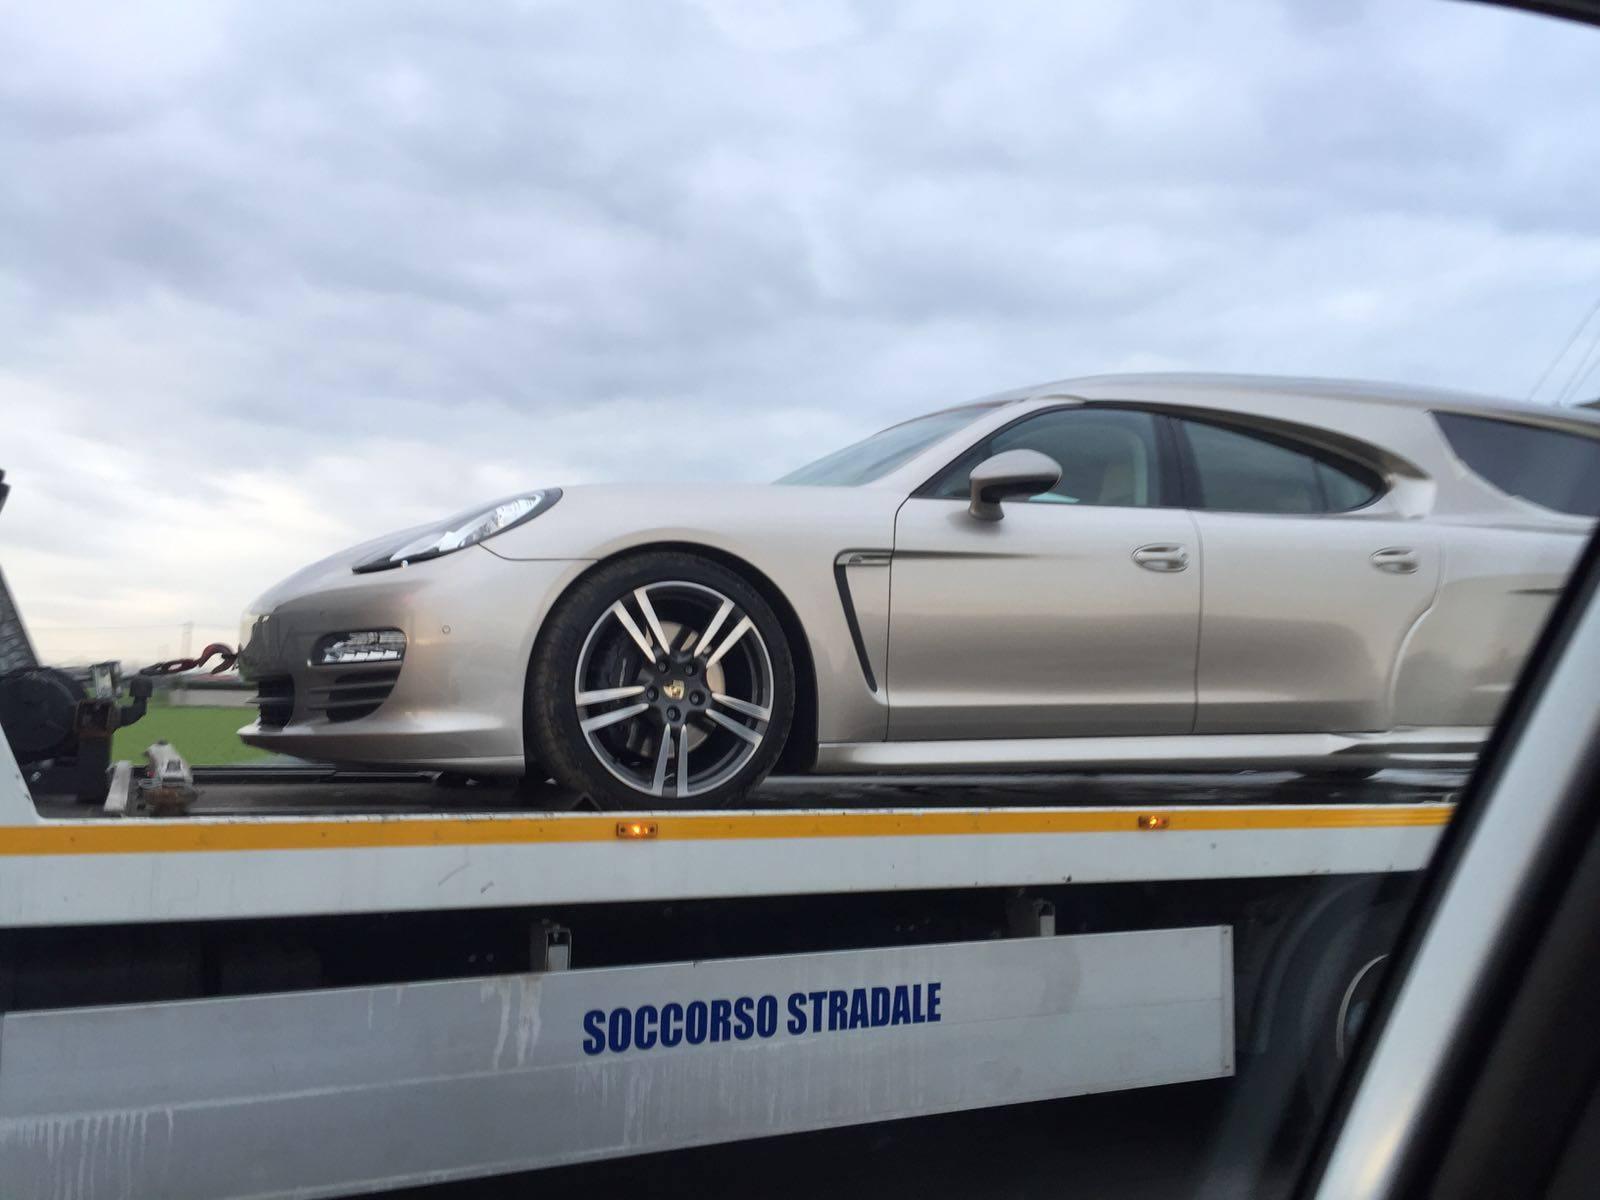 ¿Un Porsche Panamera transformado a coche fúnebre? Es real y aquí lo tienes... 2